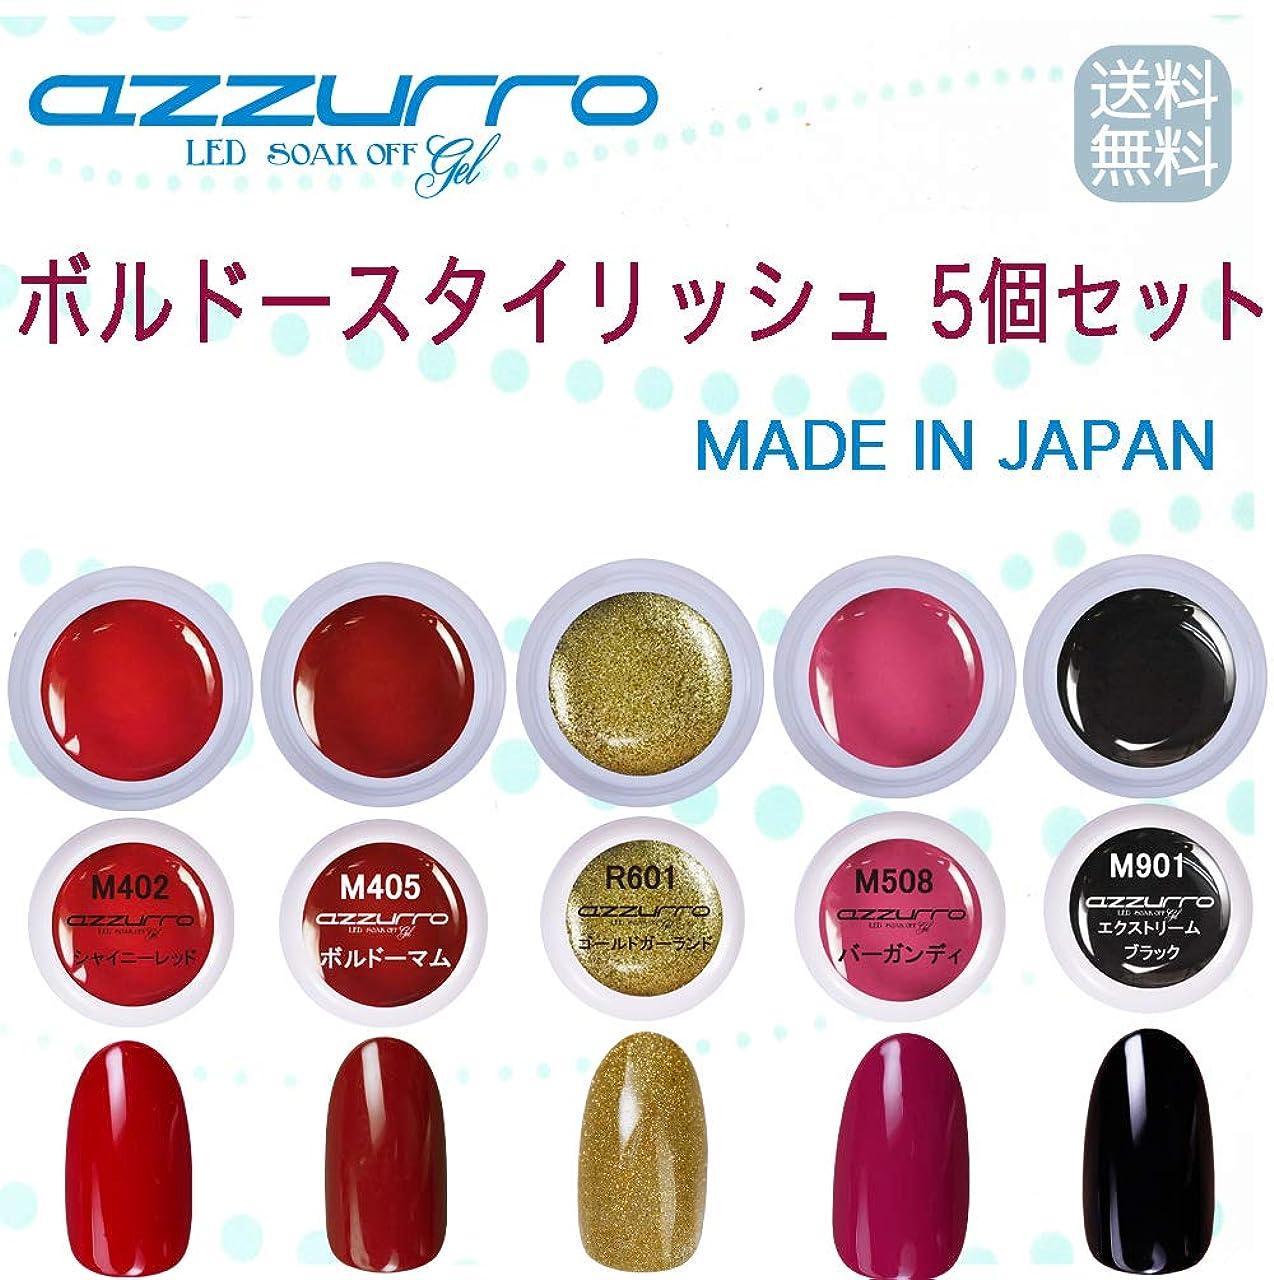 対抗採用コンベンション【送料無料】日本製 azzurro gel ボルドースタイリッシュカラージェル5個セット ネイルアートのマストカラーボルドーとブラックをセット